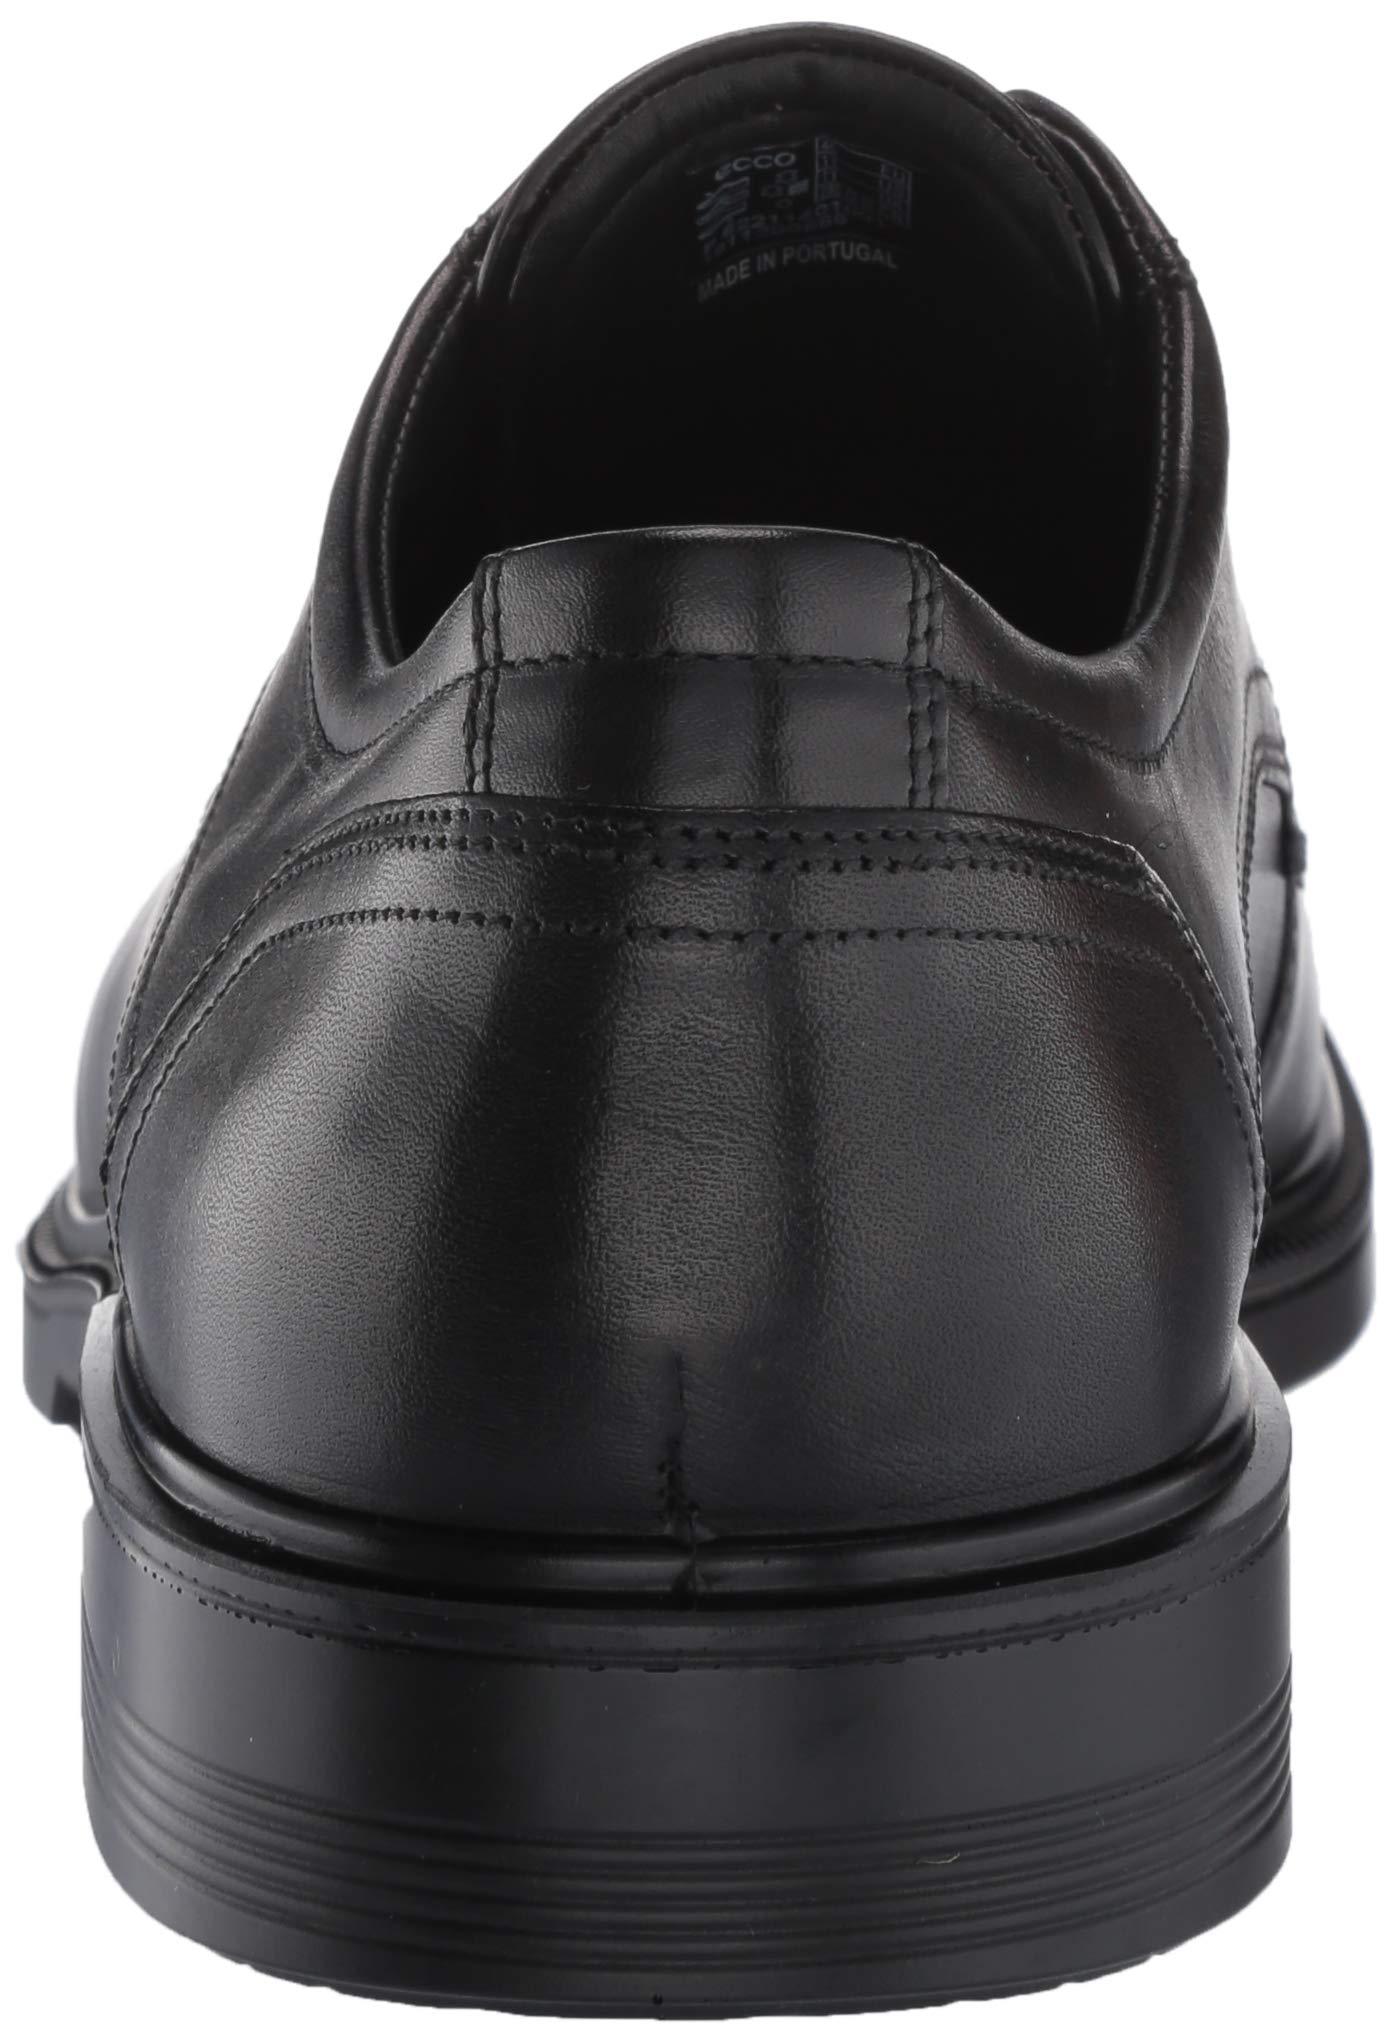 ECCO Men's Lisbon Cap Toe Tie Oxford, Black, 48 EU/14-14.5 M US by ECCO (Image #2)